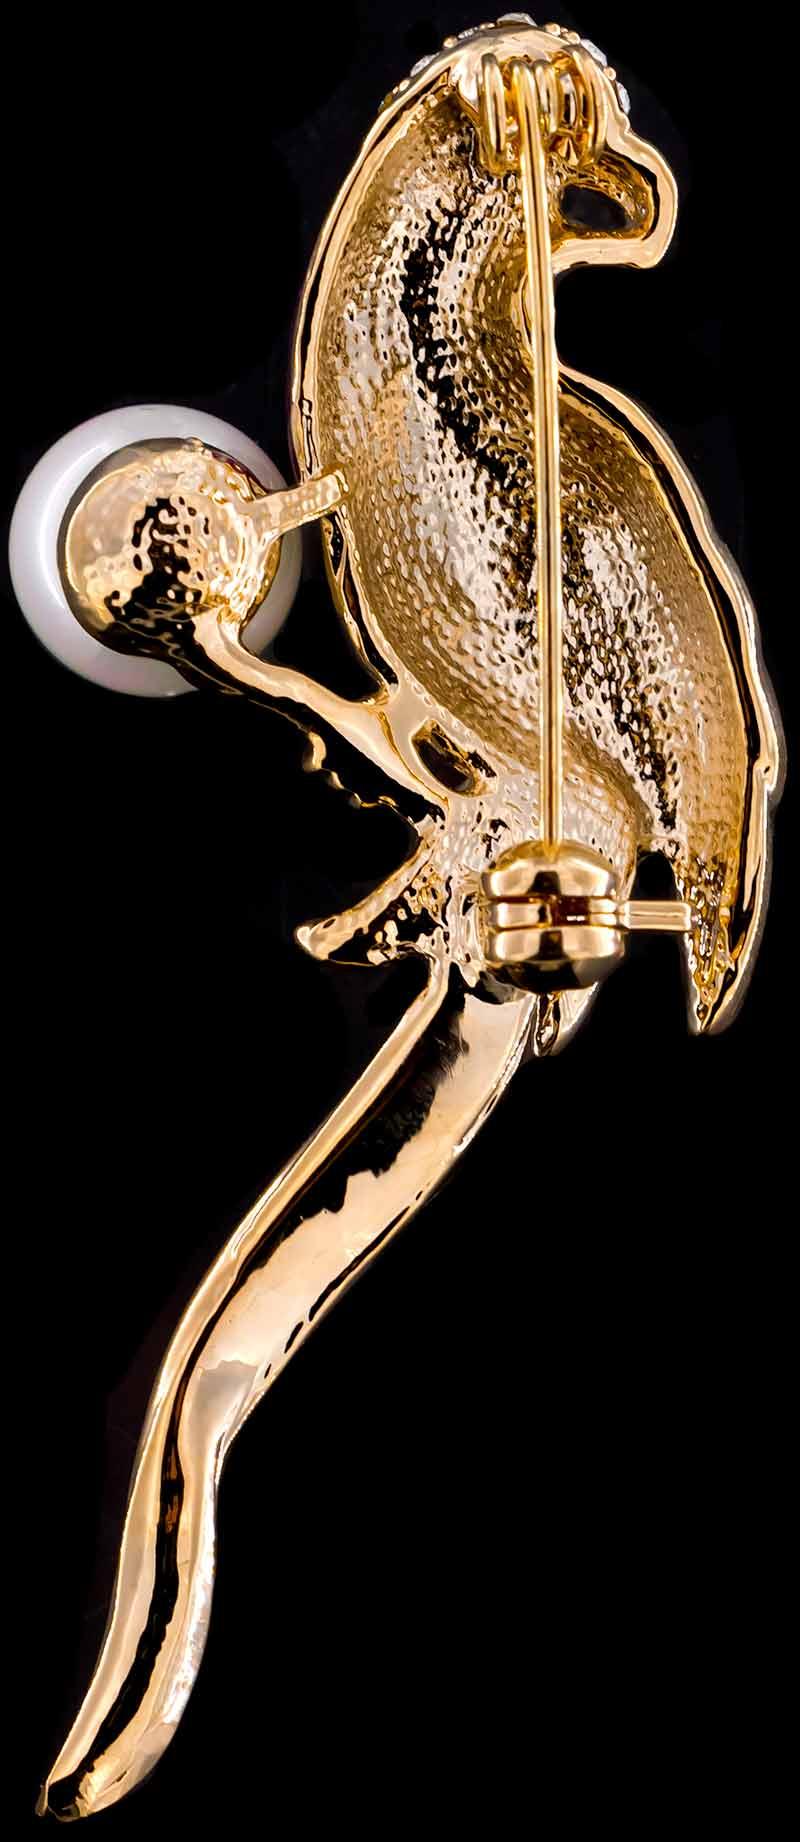 Brosche Papagei goldfarben mit bunten Federn, einer Perle und vielen weissen Strass Steinen BR048 unten